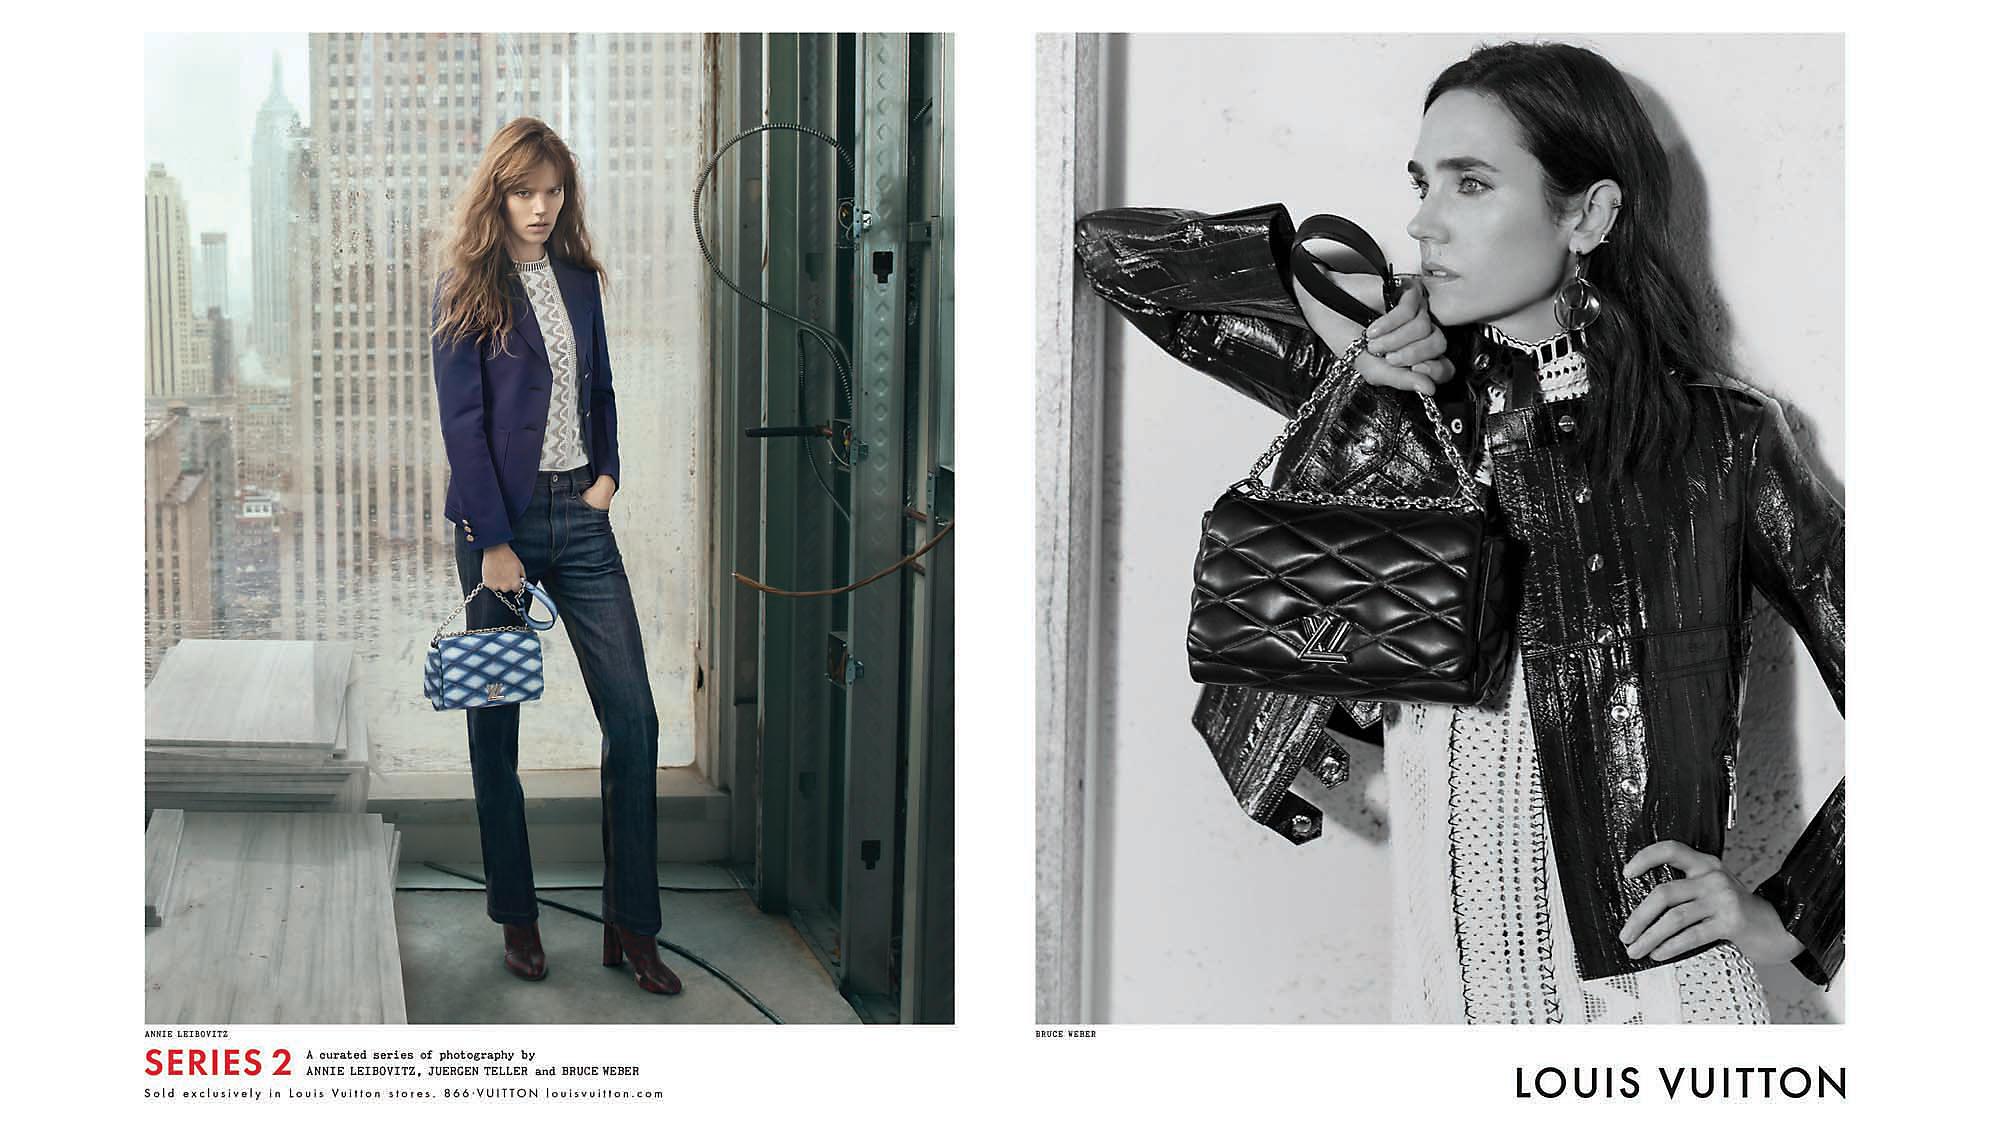 louis-vuitton--Louis_Vuitton_376_The_Series_2_Fashion_Campaign_17_DI3.jpg